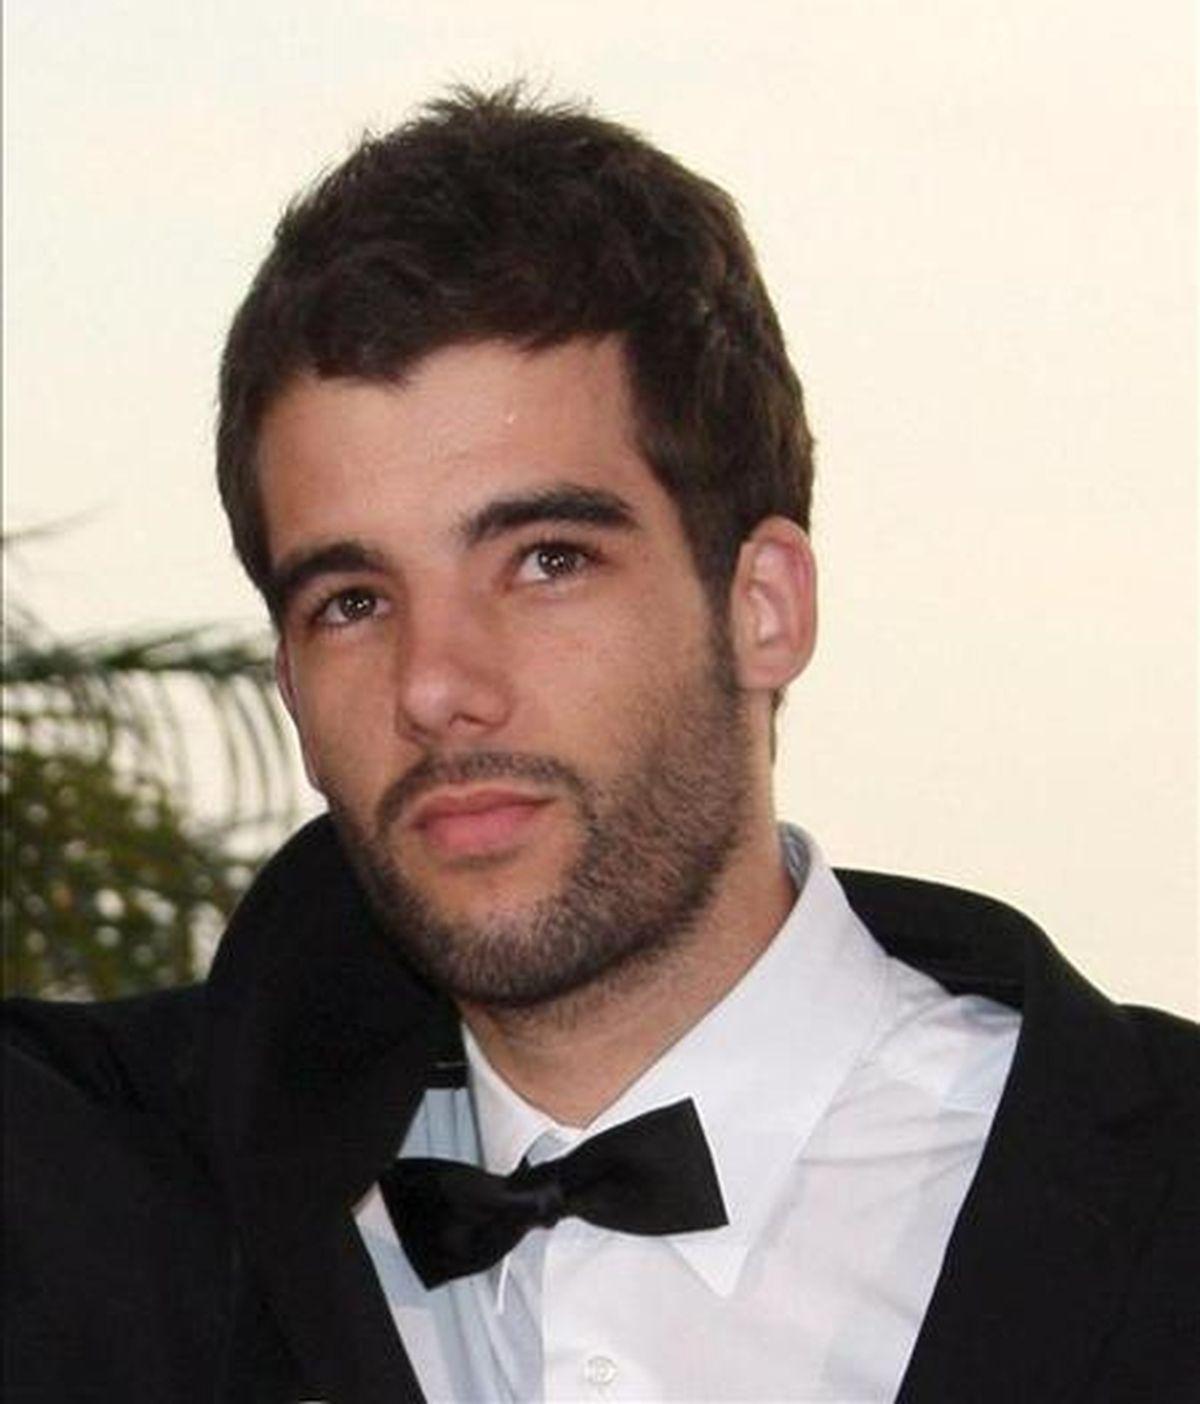 """El director portugues Joao Salaviza (d) quien ganó una Palma de Oro con su corto """"Arena"""" durante la gala de entrega de los premios de la Palma de Oro del Festival de Cine de Cannes (Francia), el pasado 24 de mayo. EFE/Archivo"""